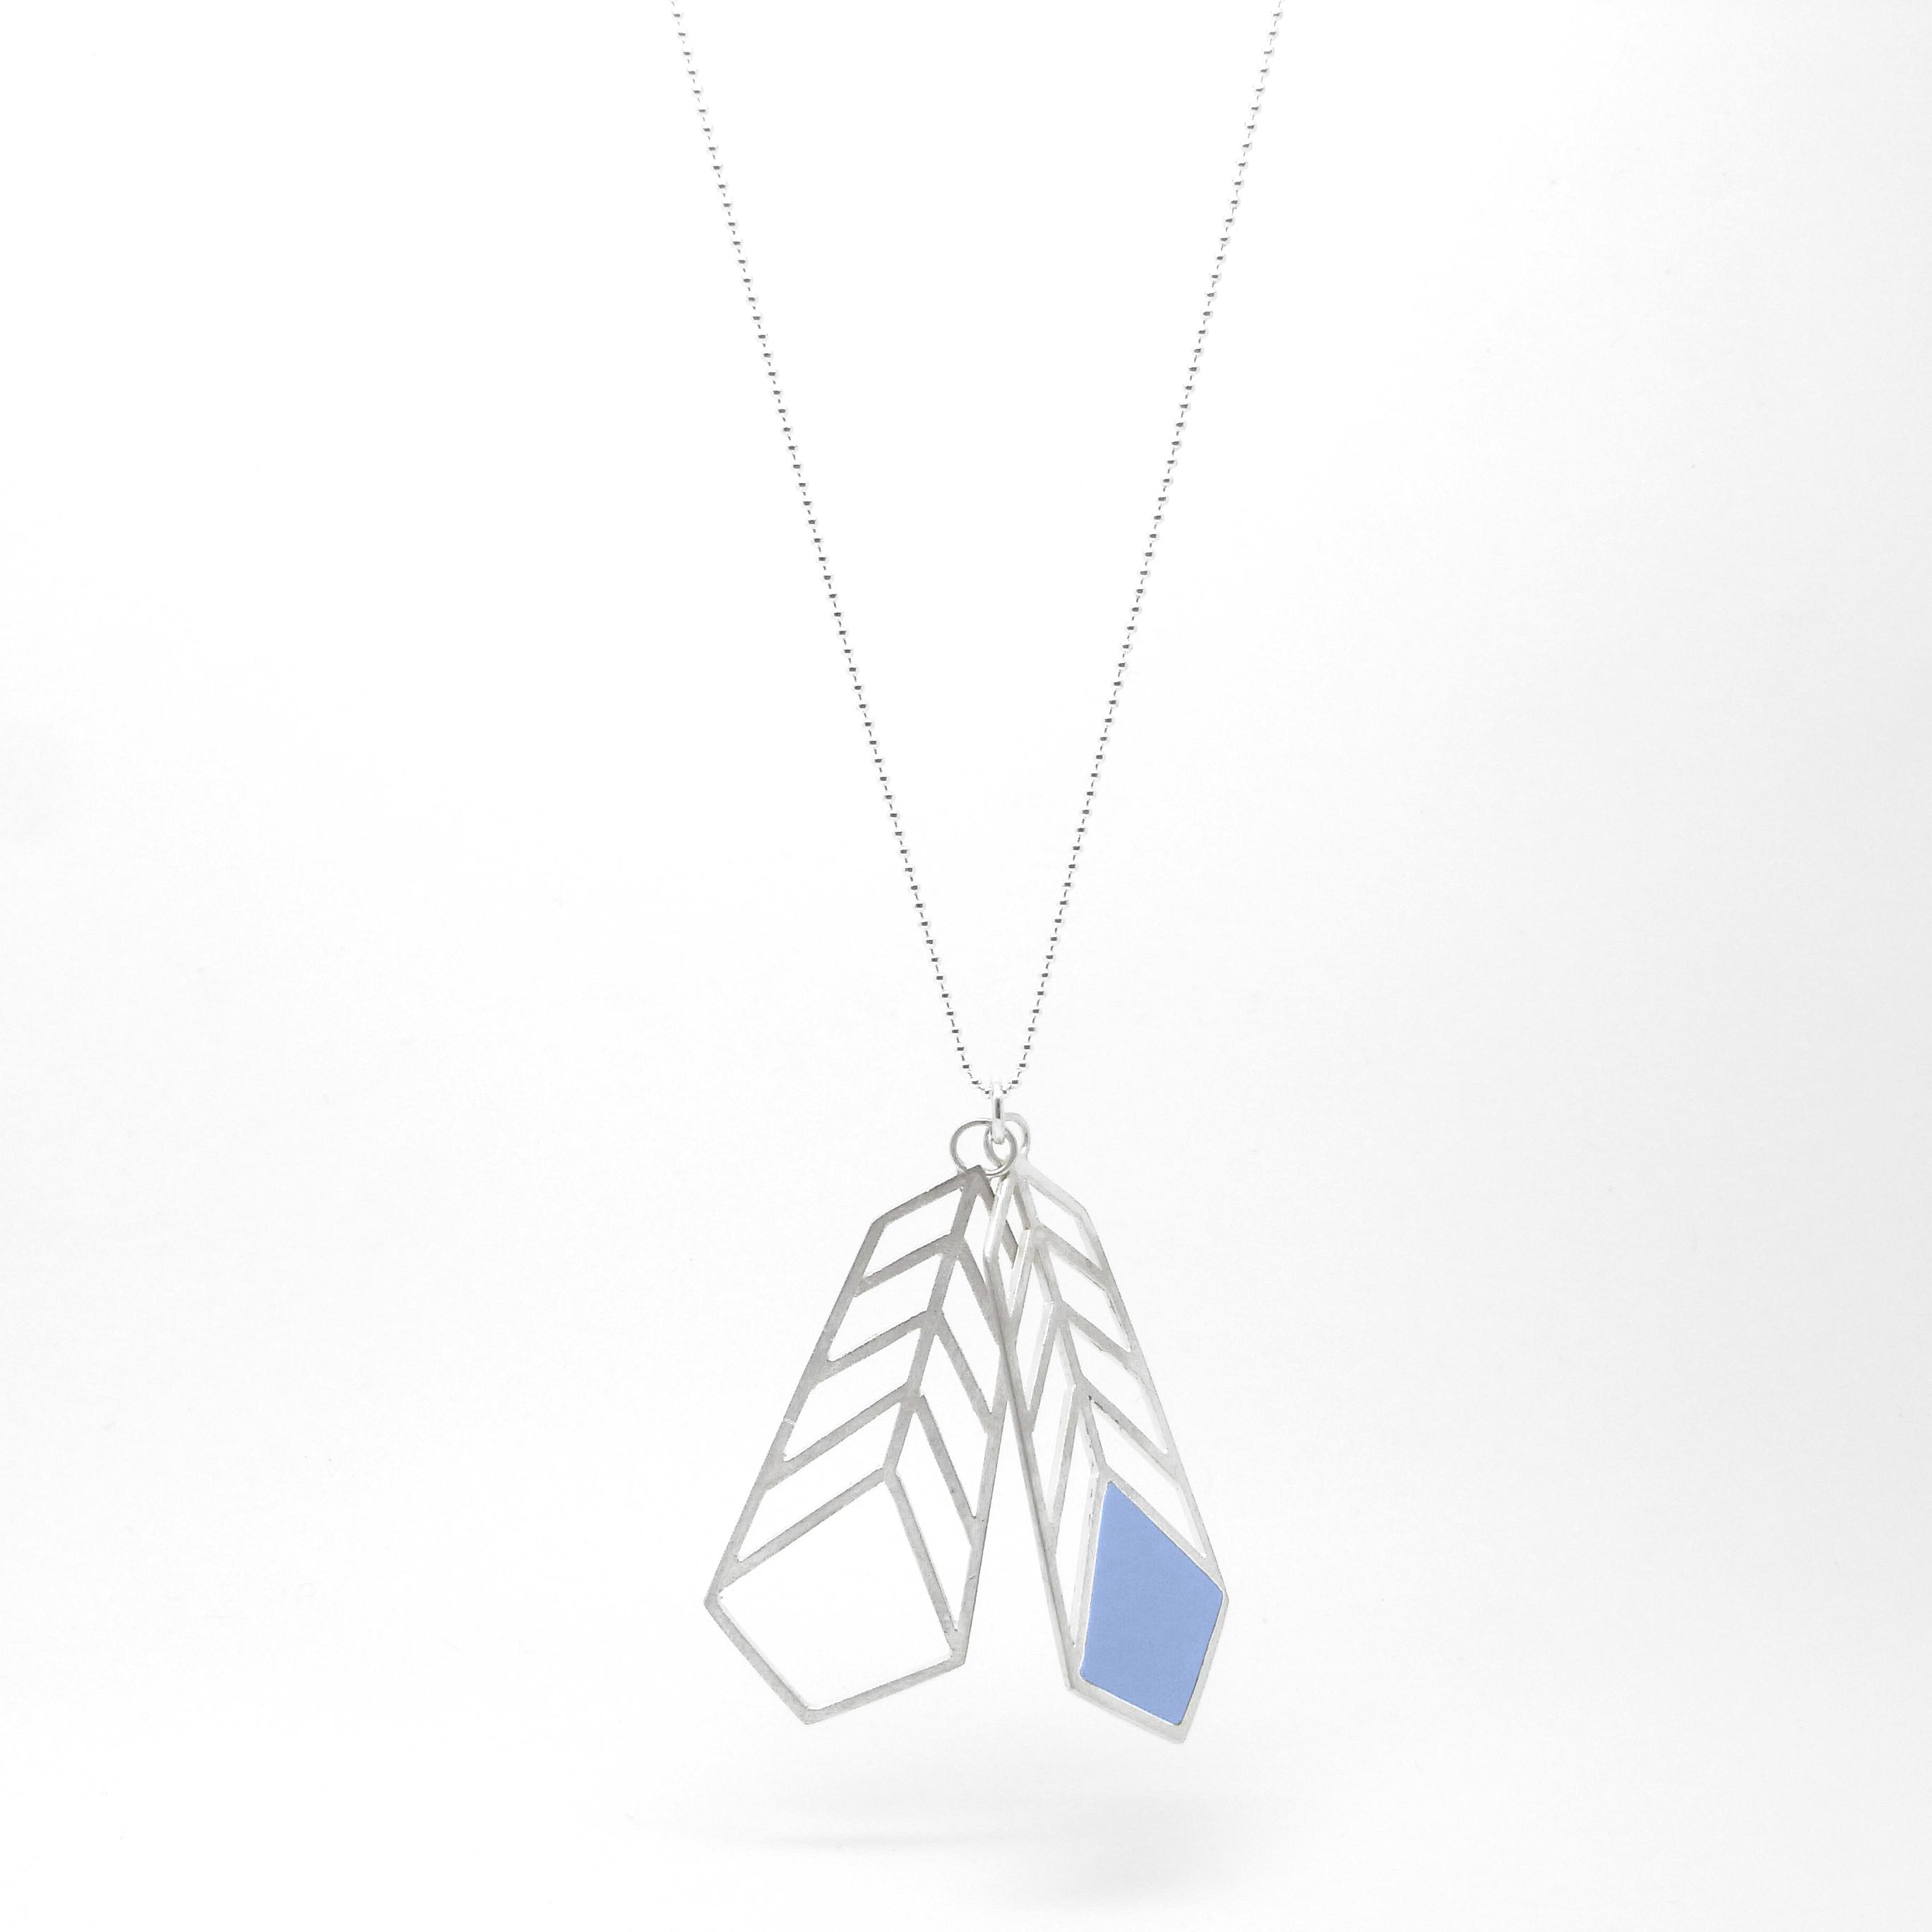 Double Chevron Necklace Blue